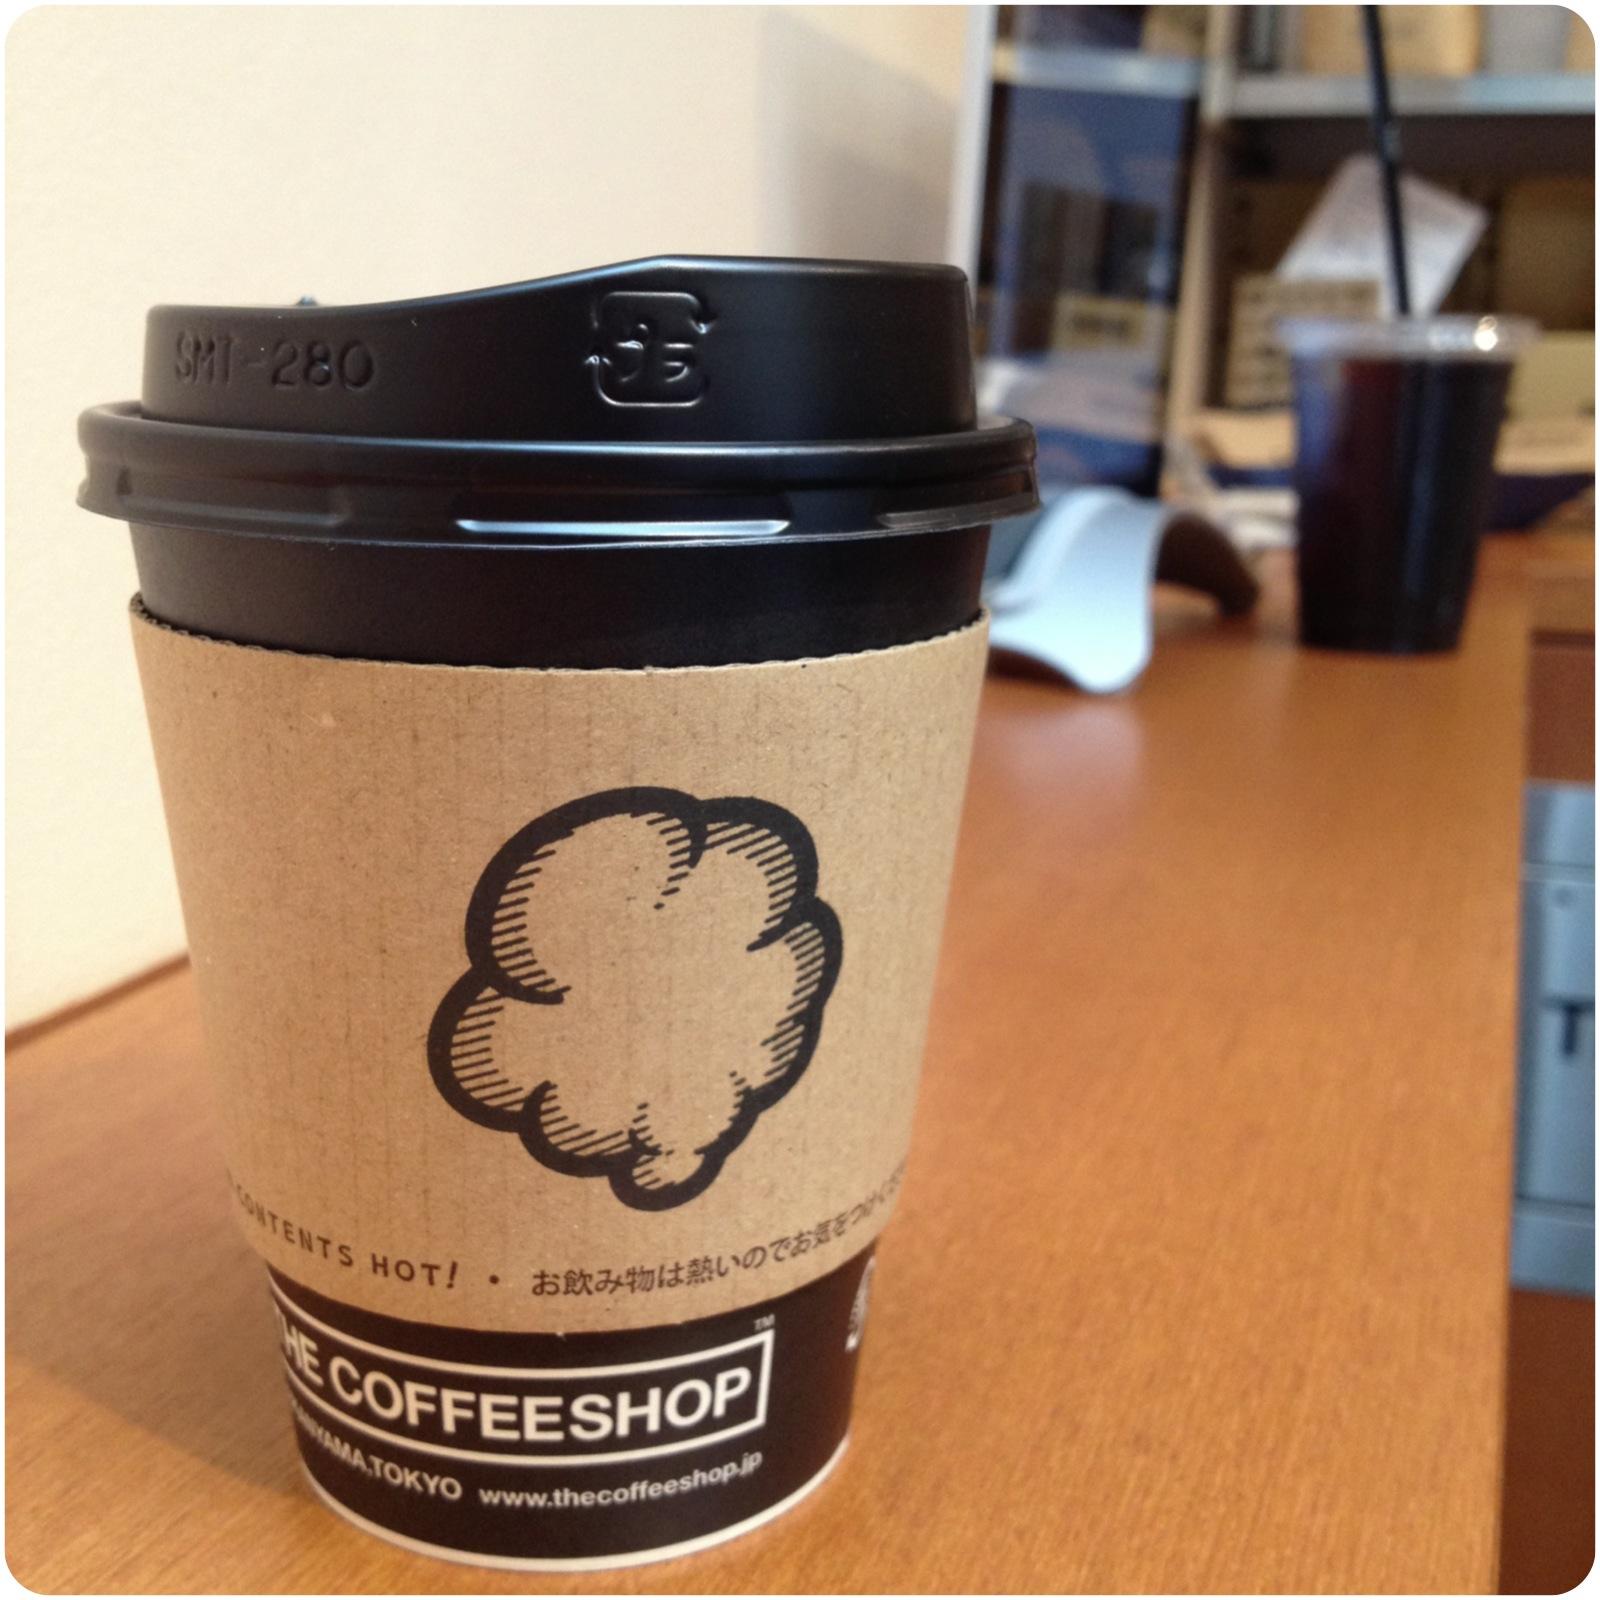 thecoffeeshop_4.jpg